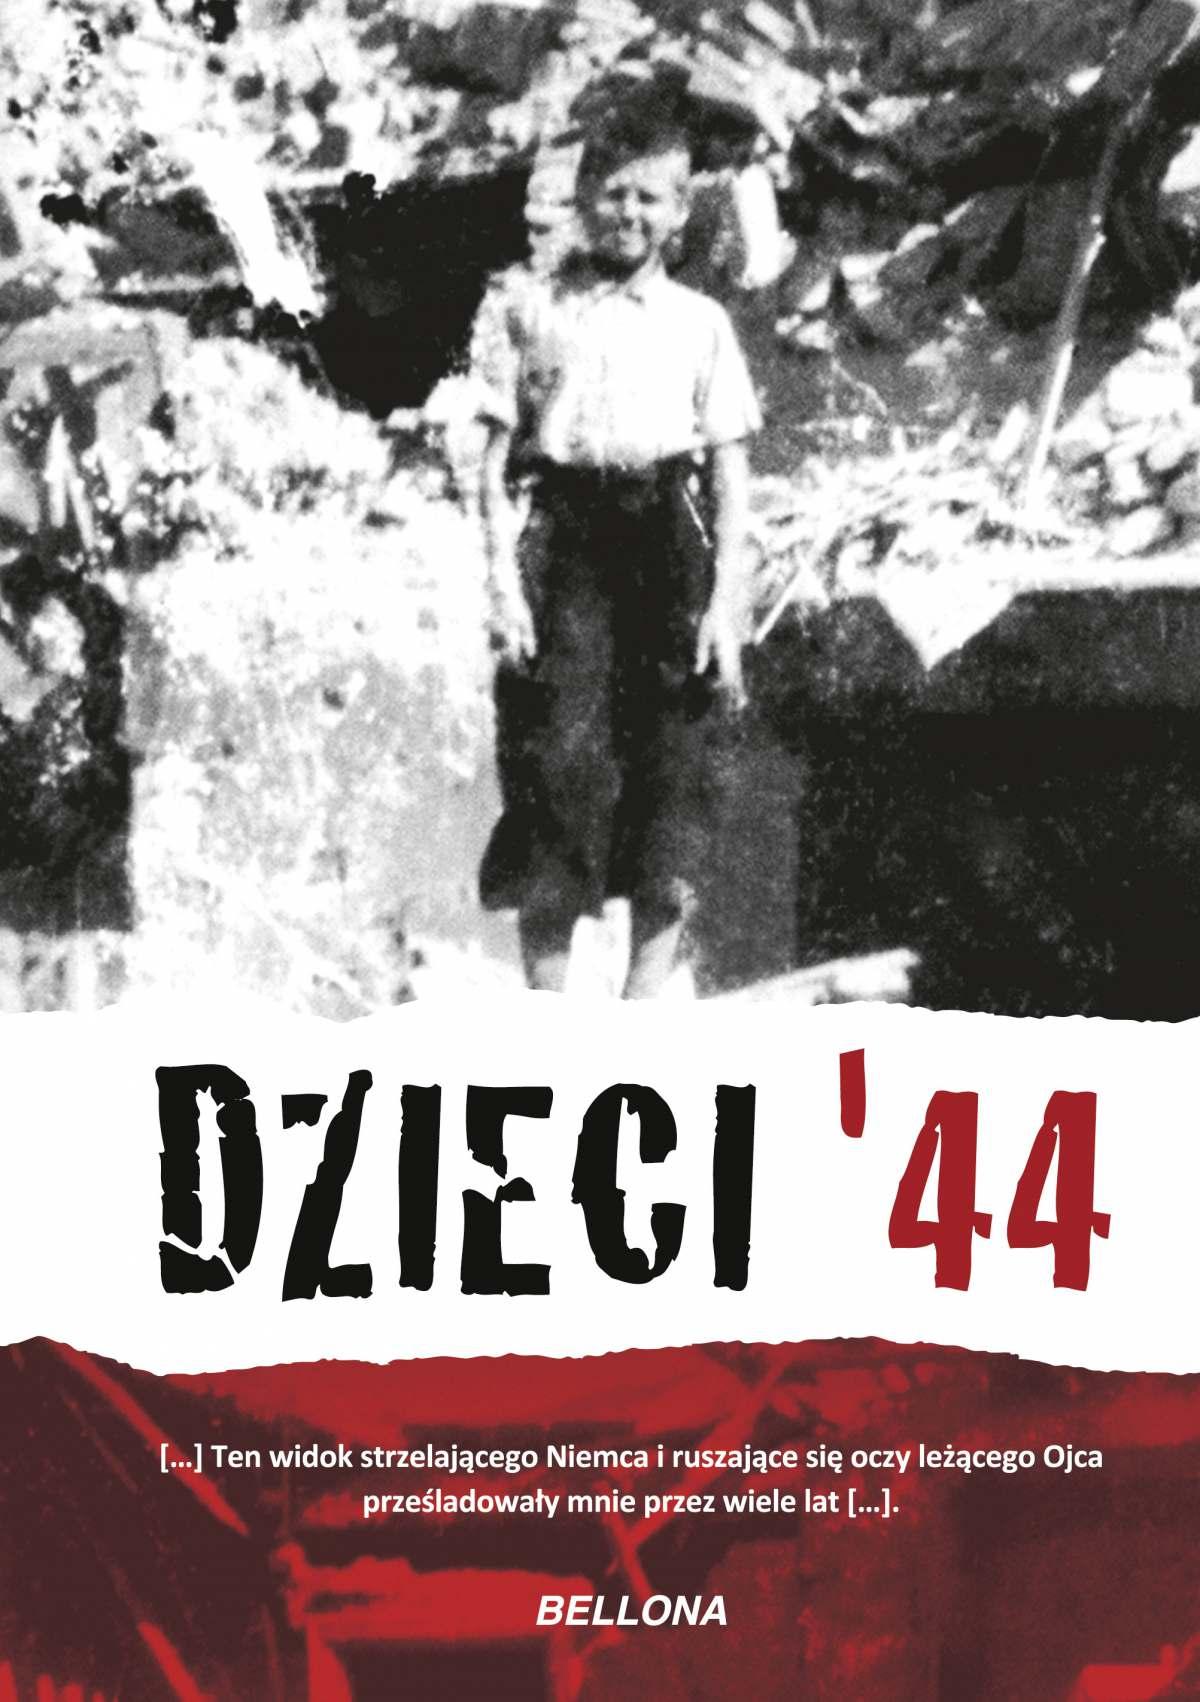 Dzieci 44. Wspomnienia dzieci powstańczej Warszawy - Ebook (Książka na Kindle) do pobrania w formacie MOBI